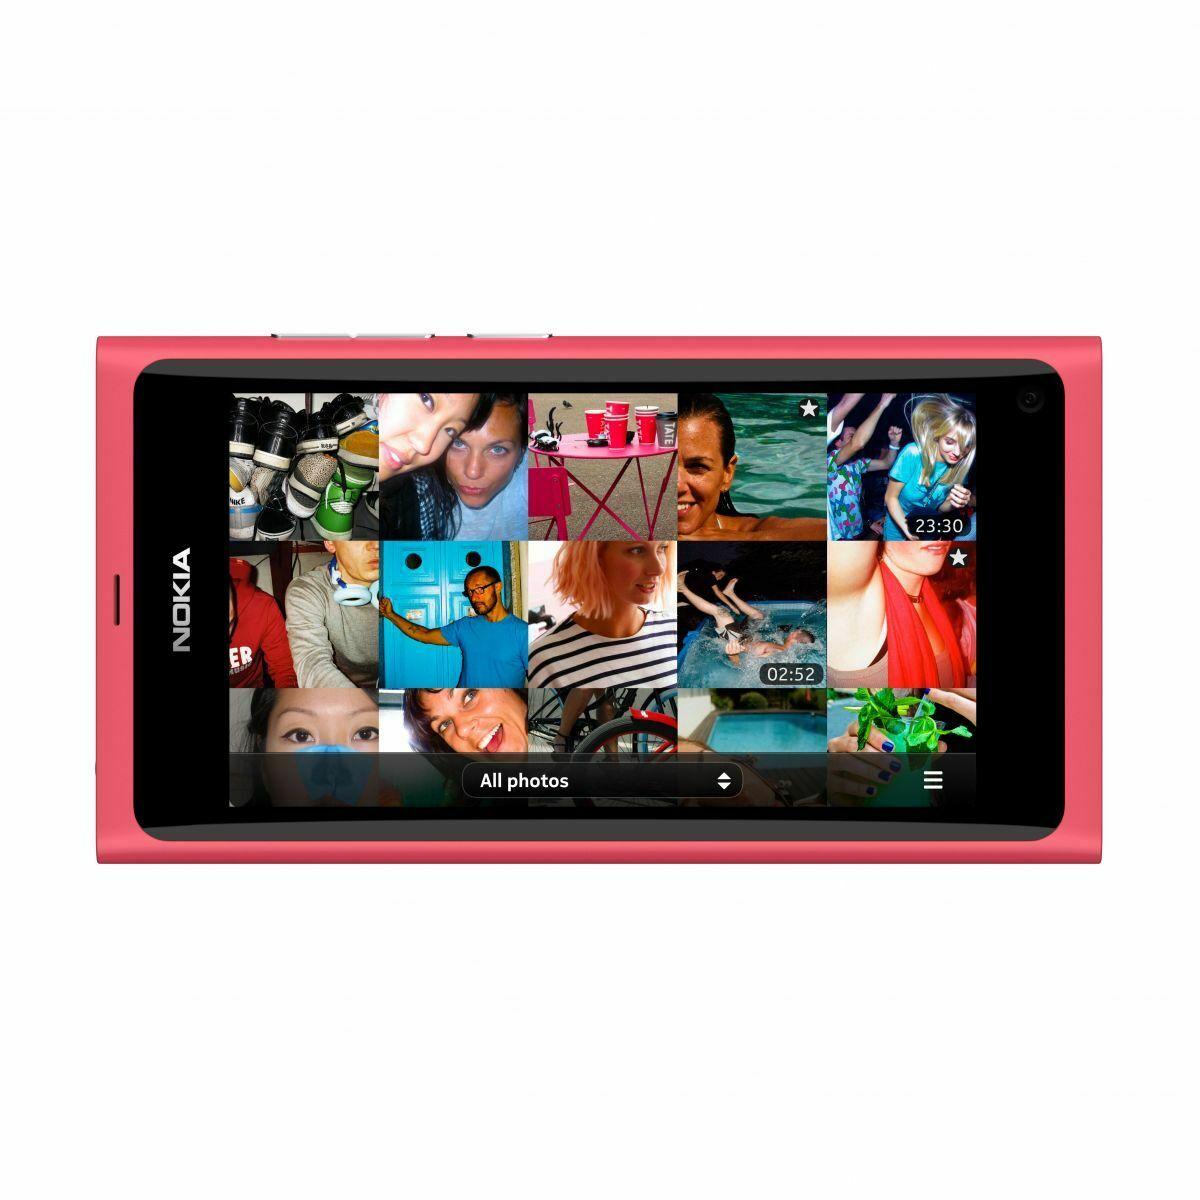 Nokia Finlande commence la campagne de pub pour le Nokia N9